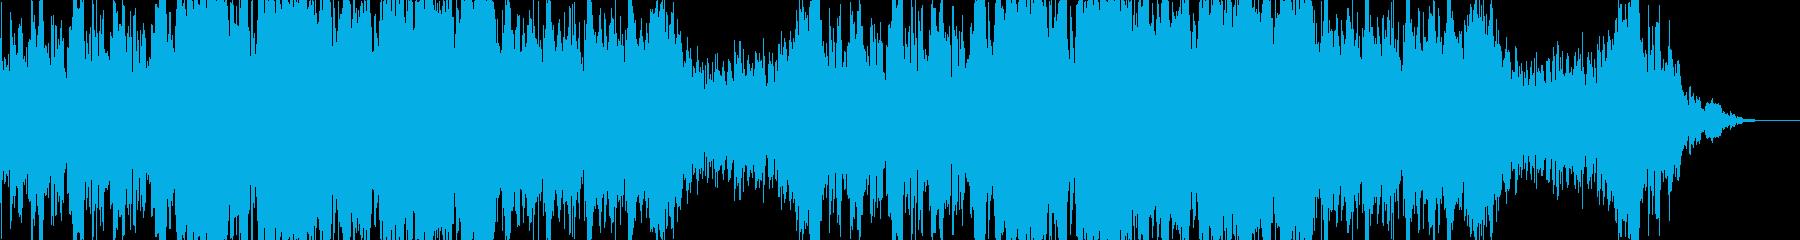 壮大で白熱な音色のオーケストラソングの再生済みの波形